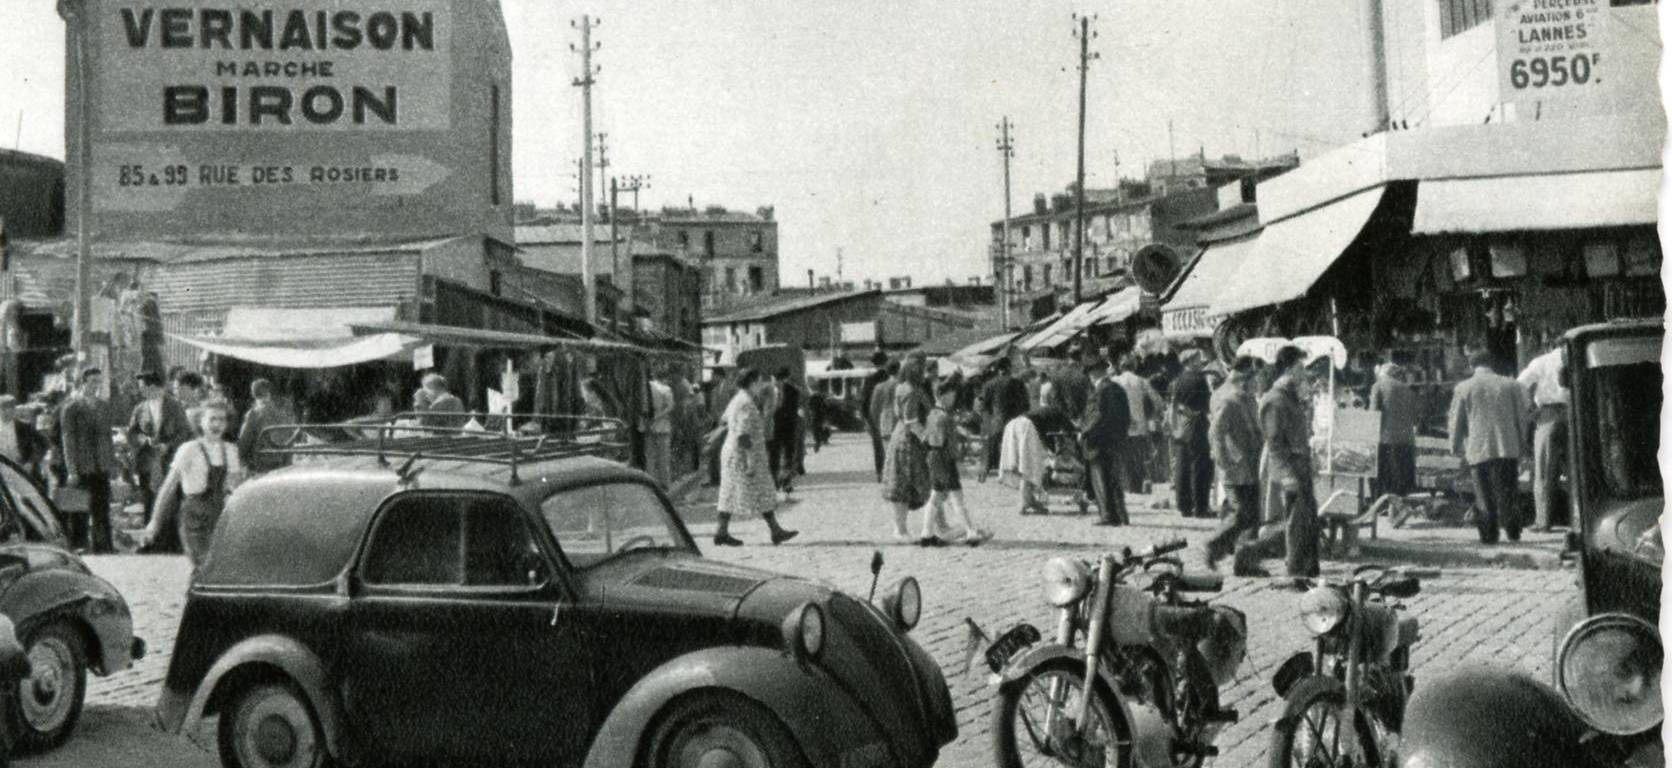 @ Archives municipales de Saint-Ouen